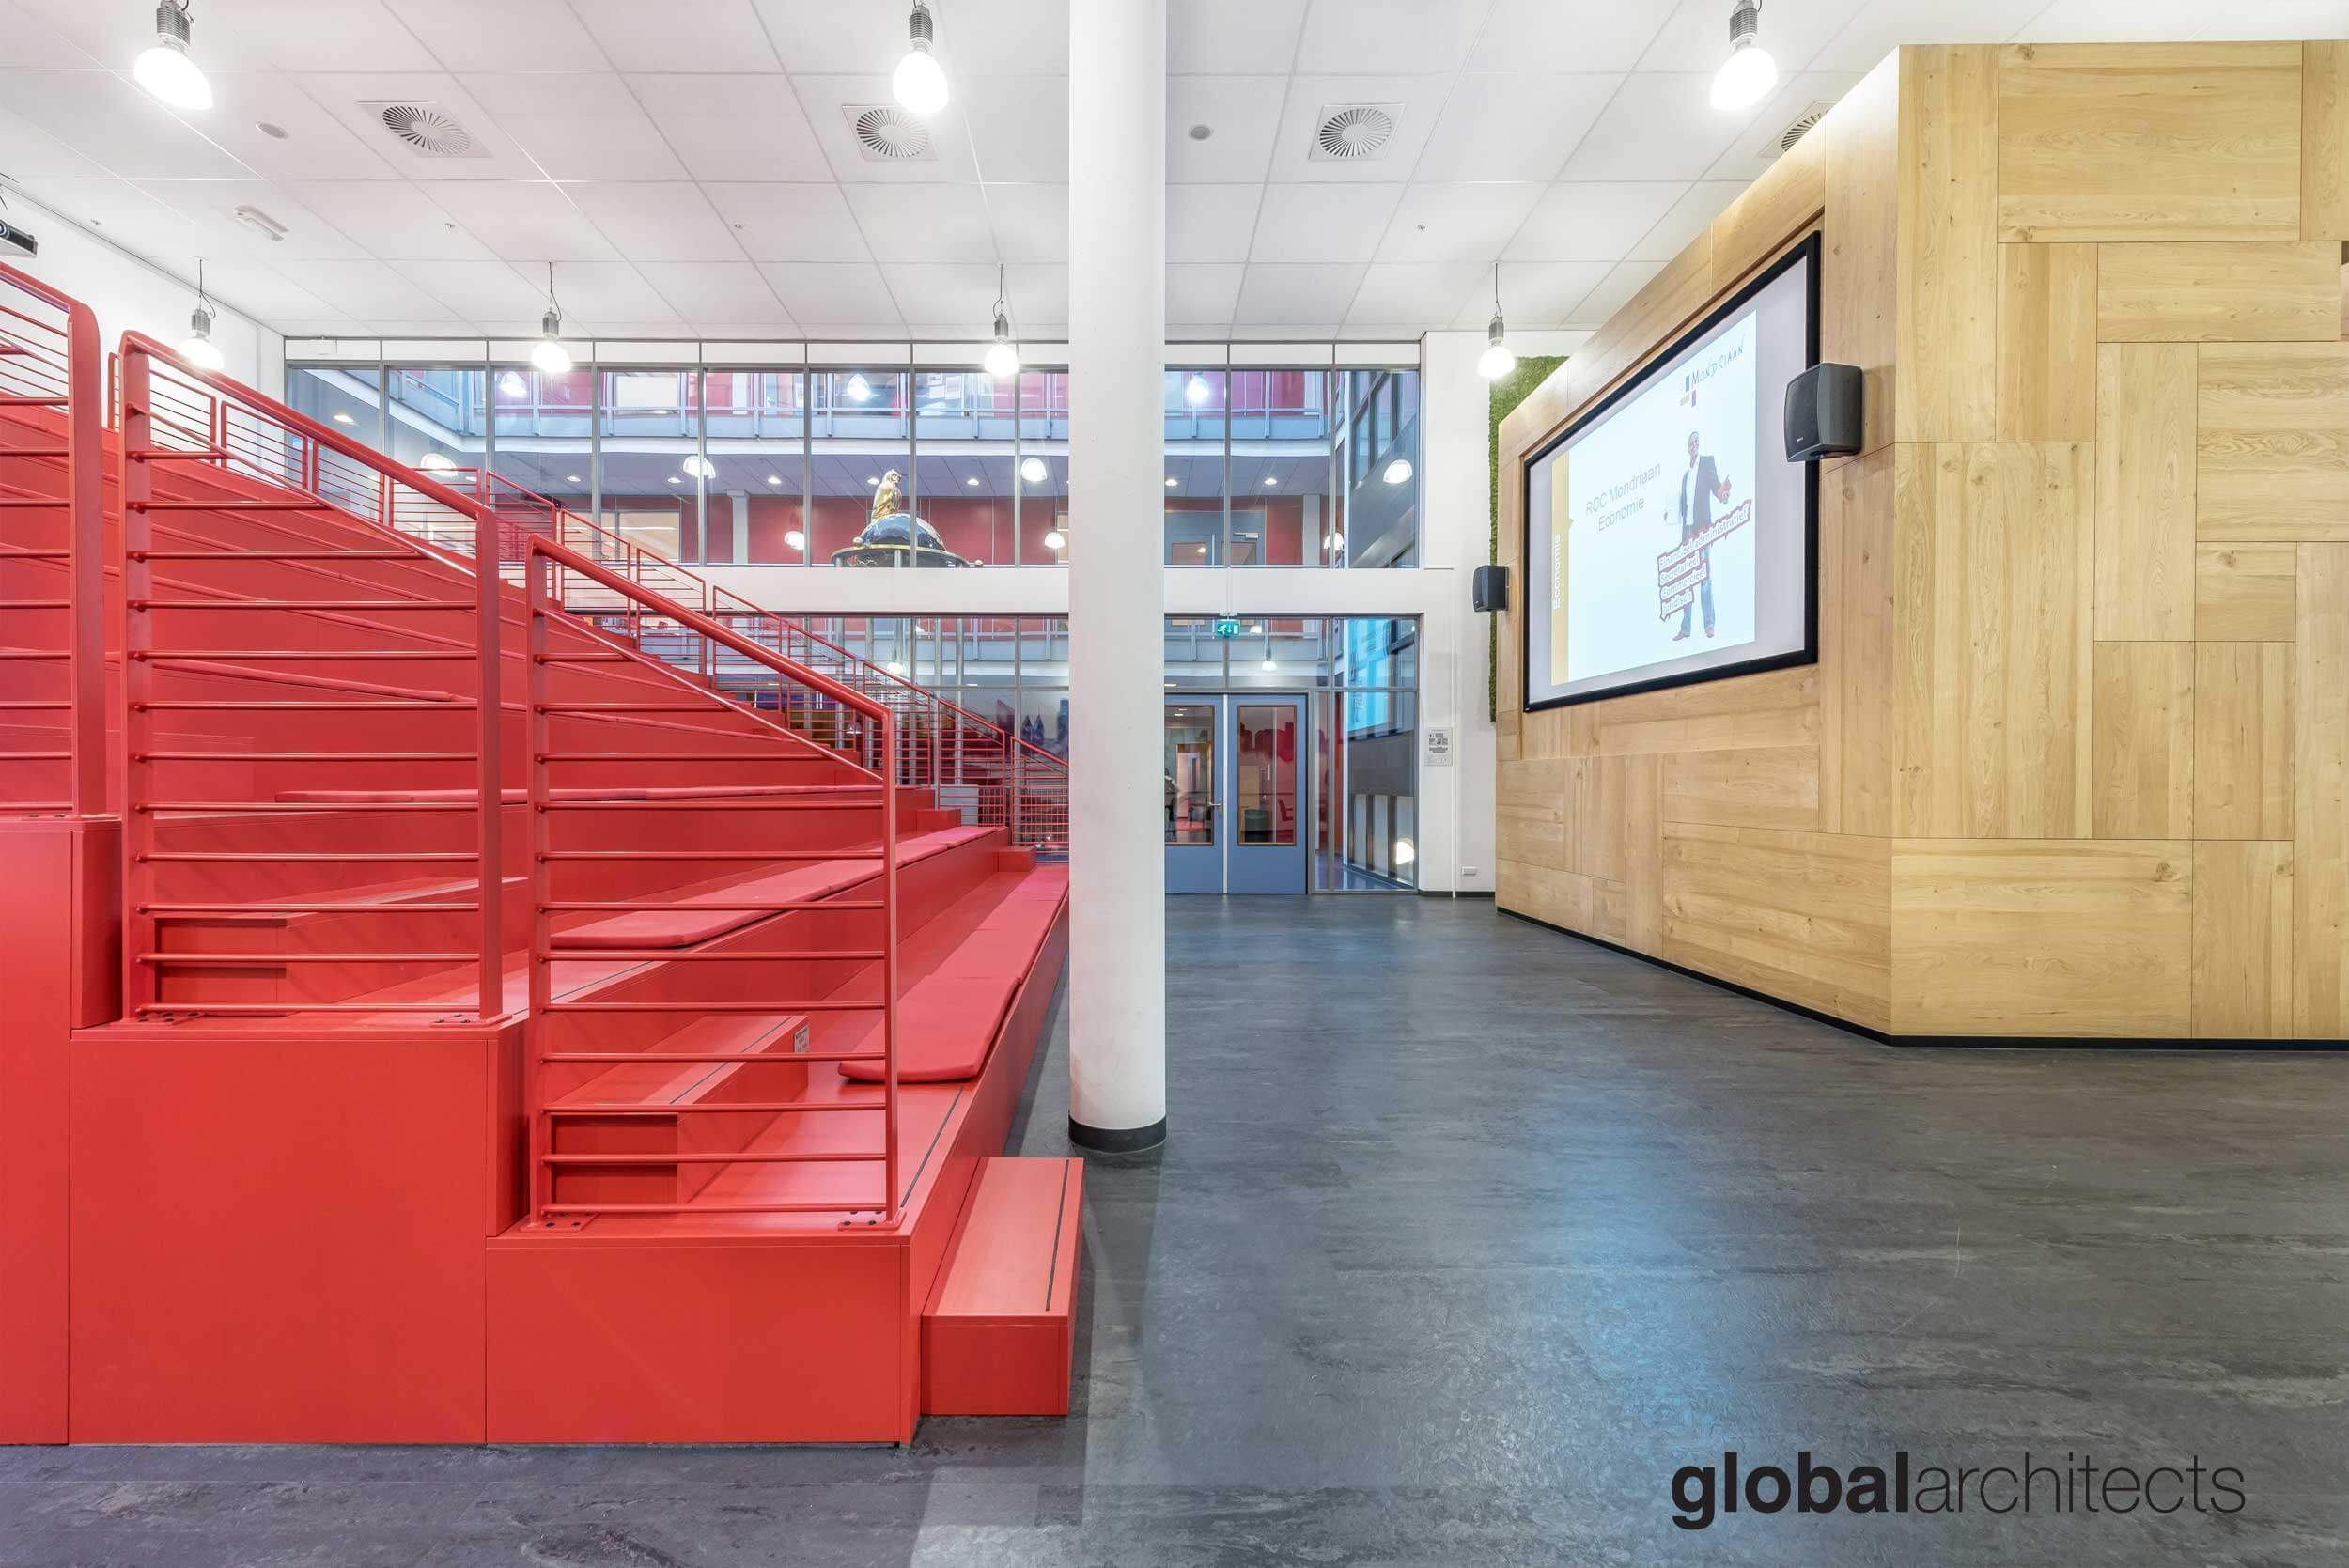 Architectenbureau Den Haag : Roc mondriaan interieur school architectenbureau denhaag global